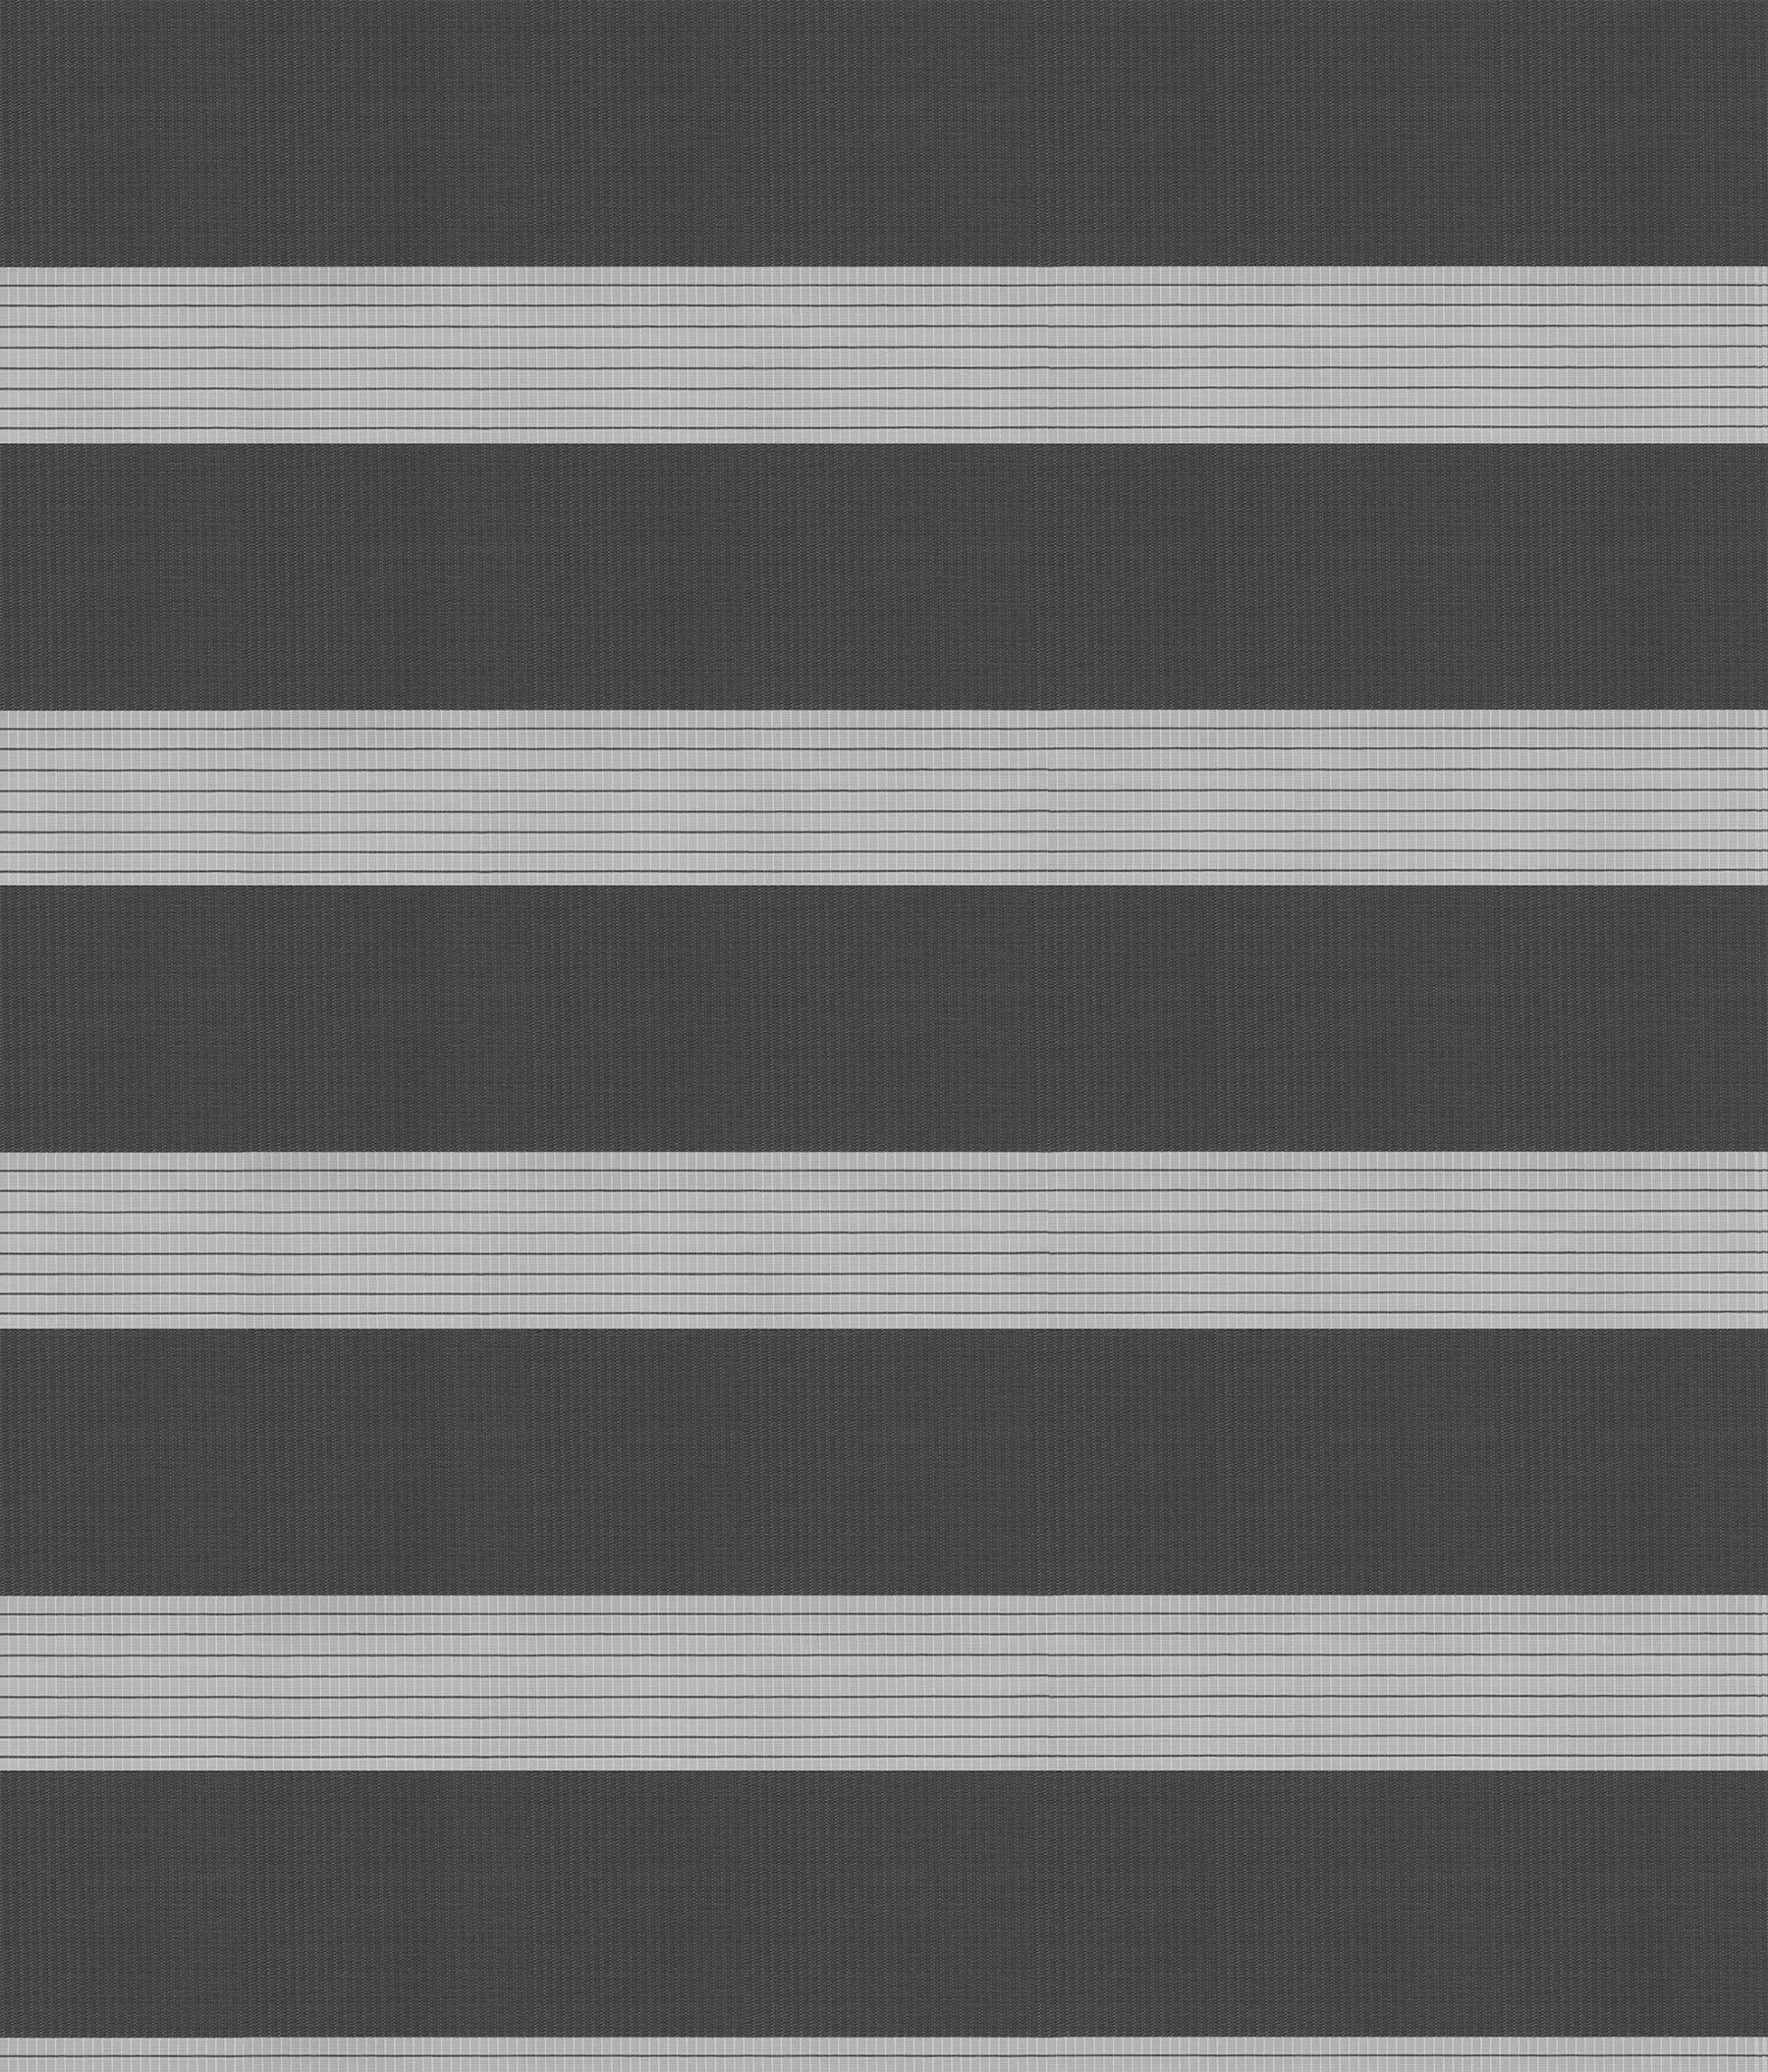 4goodz Duo Rolgordijn Easy Lichtdoorlatend 150x180 cm - Donkergrijs